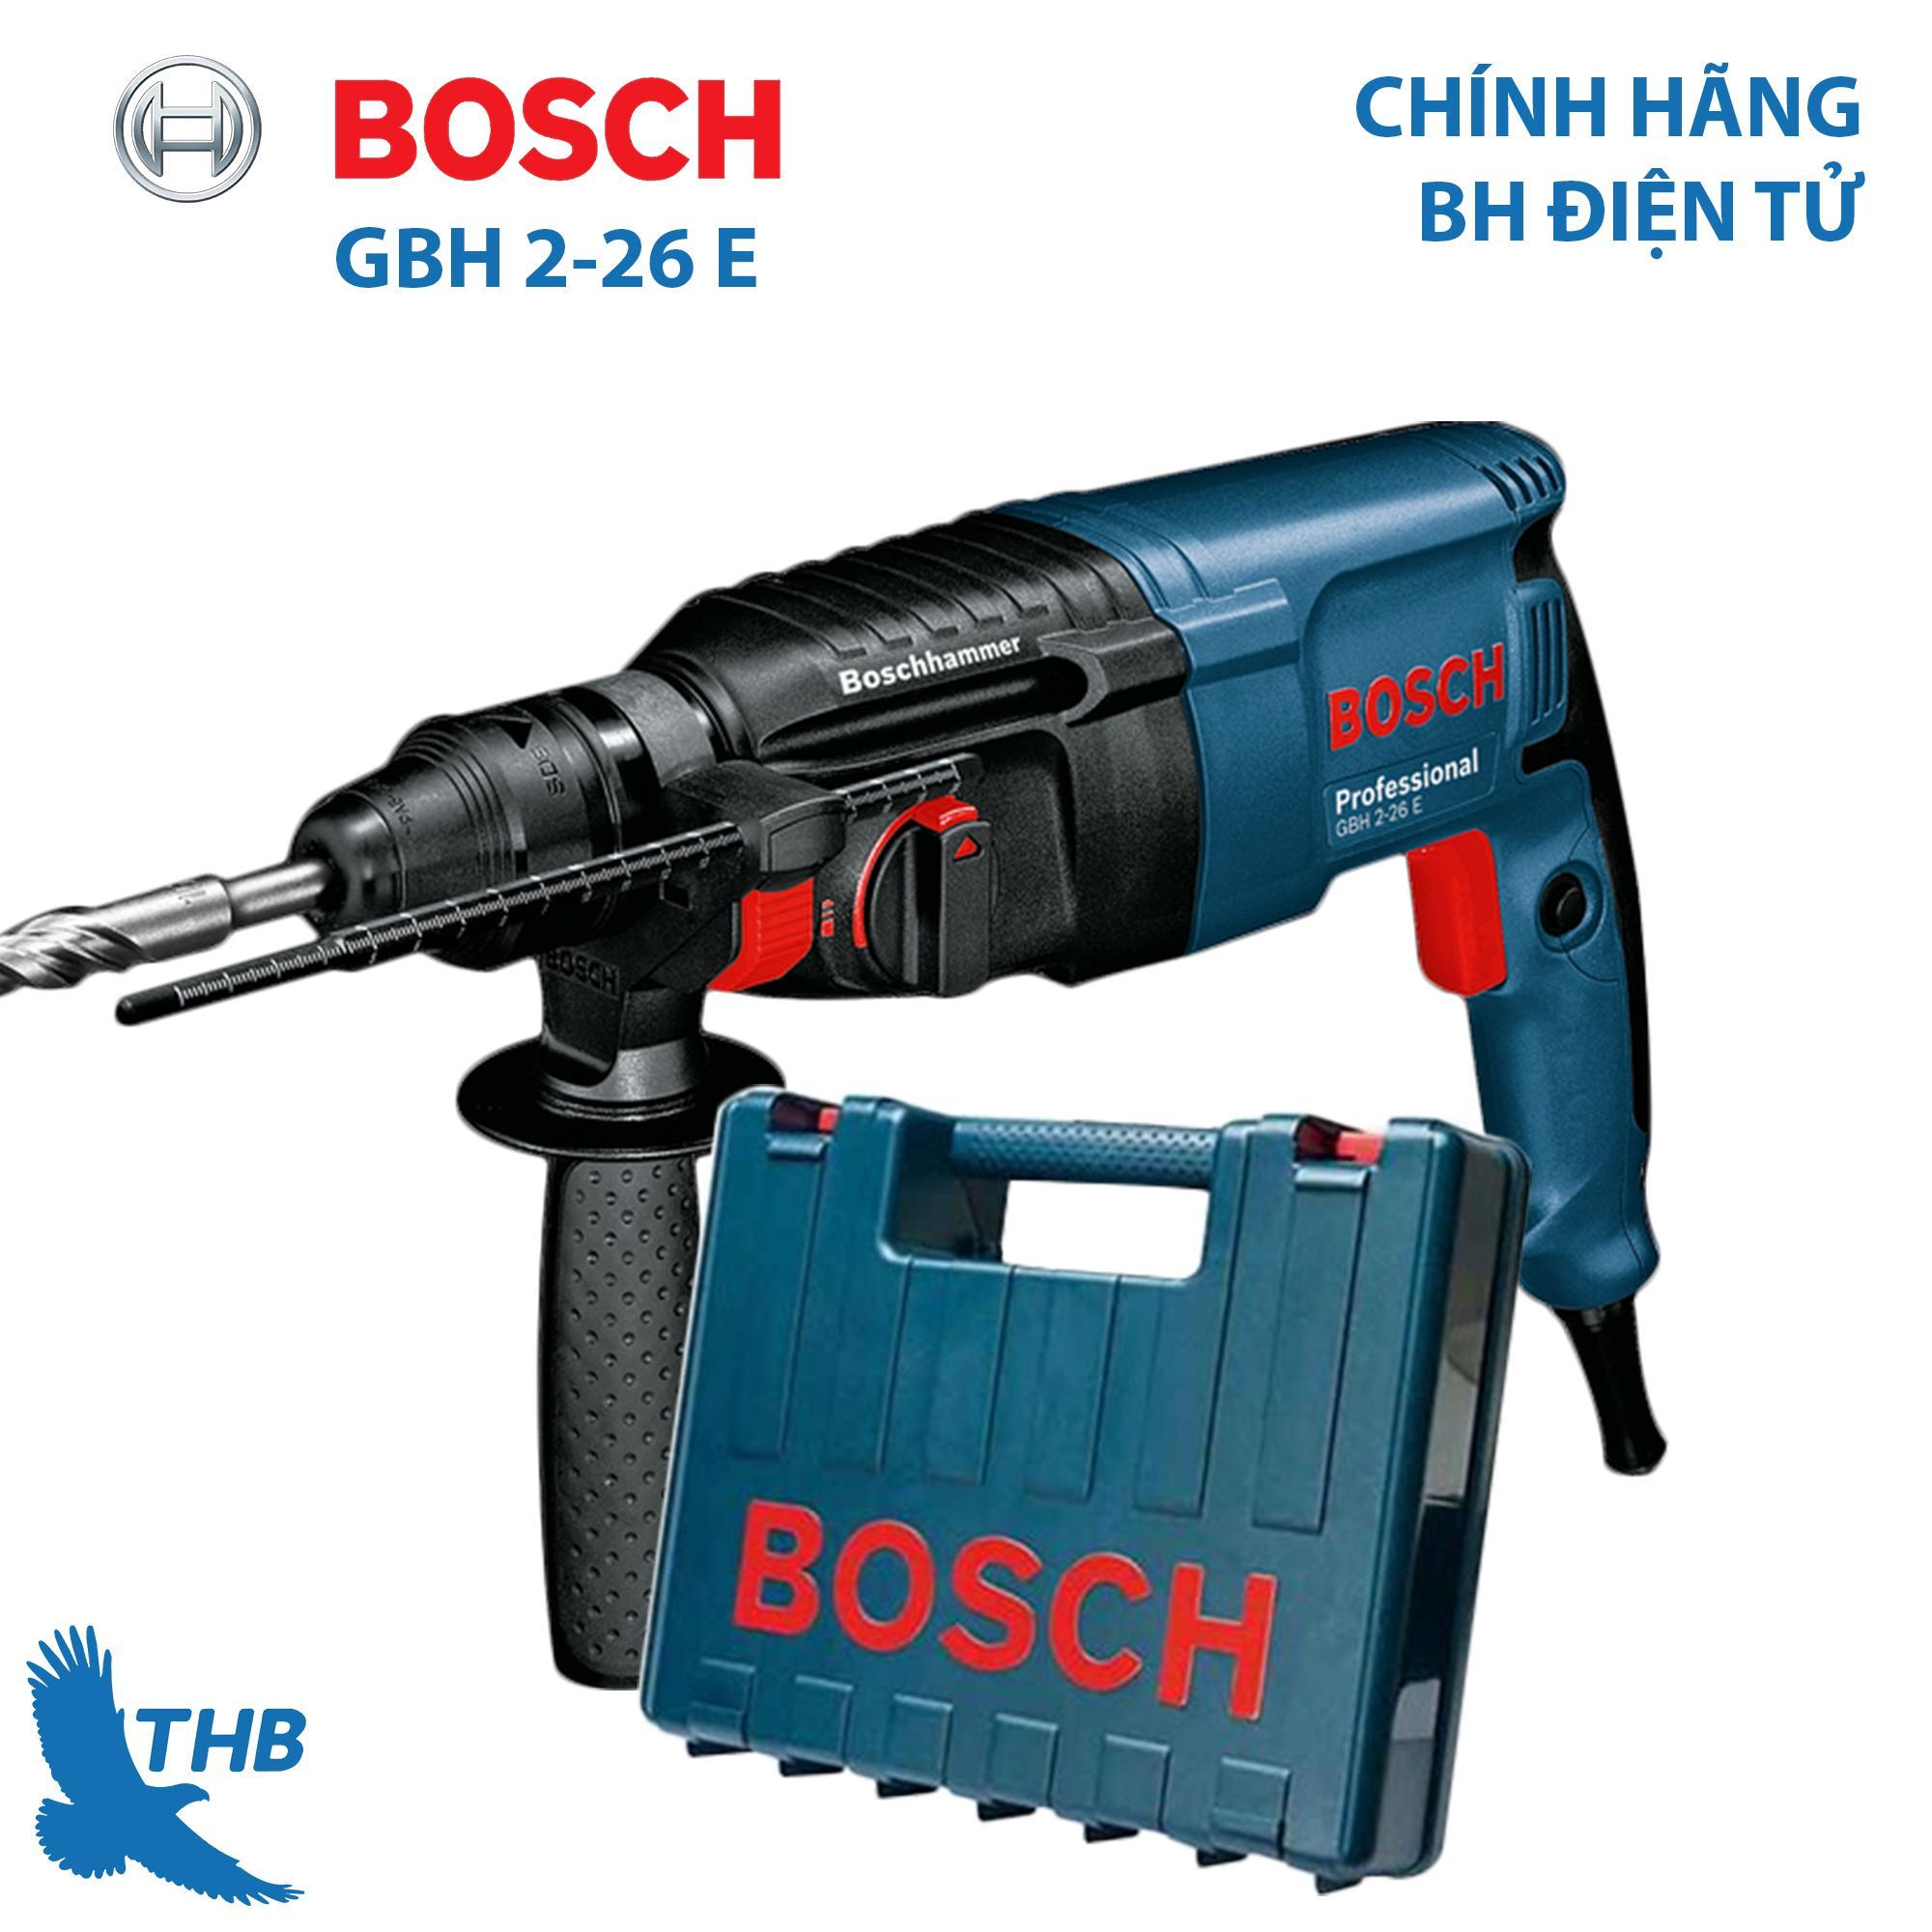 Máy khoan búa Máy khoan bê tông Bosch GBH 2-26 E công suất 800W mũi khoan búa 26mm bảo hành 12 tháng Dòng máy Heavy Duty